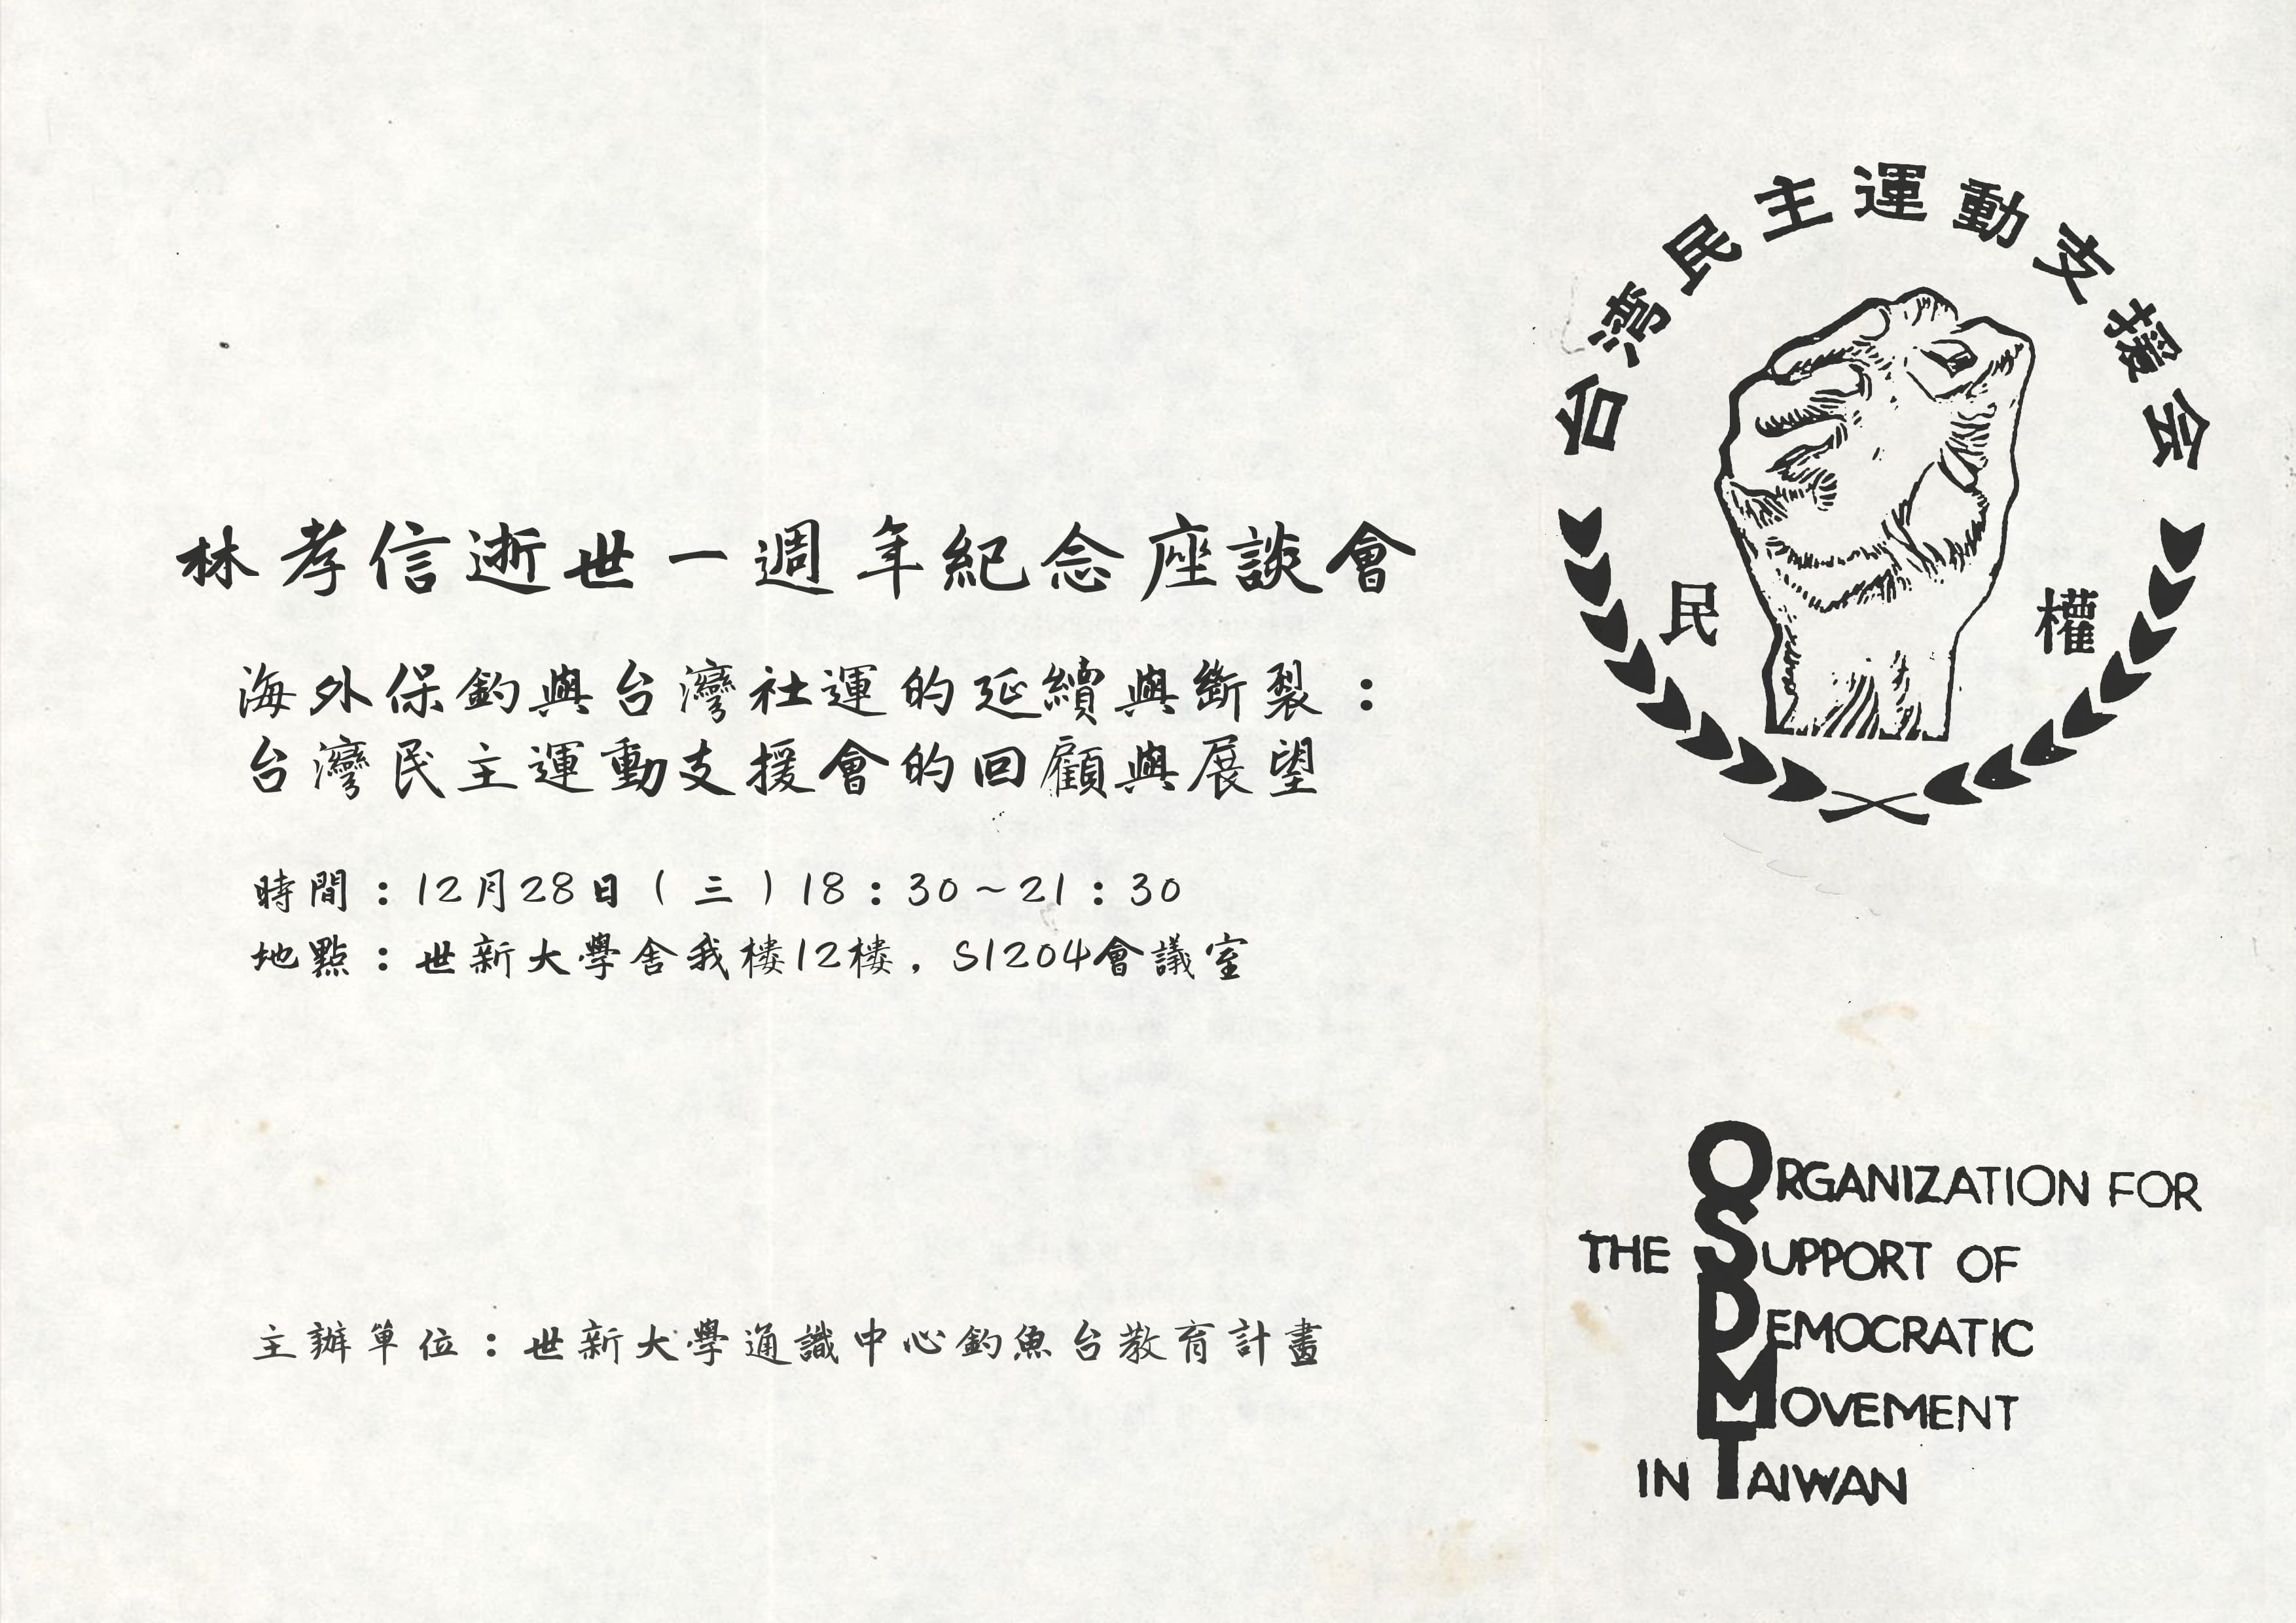 林孝信逝世一週年紀念座談會:台灣民主運動支援會的回顧與展望